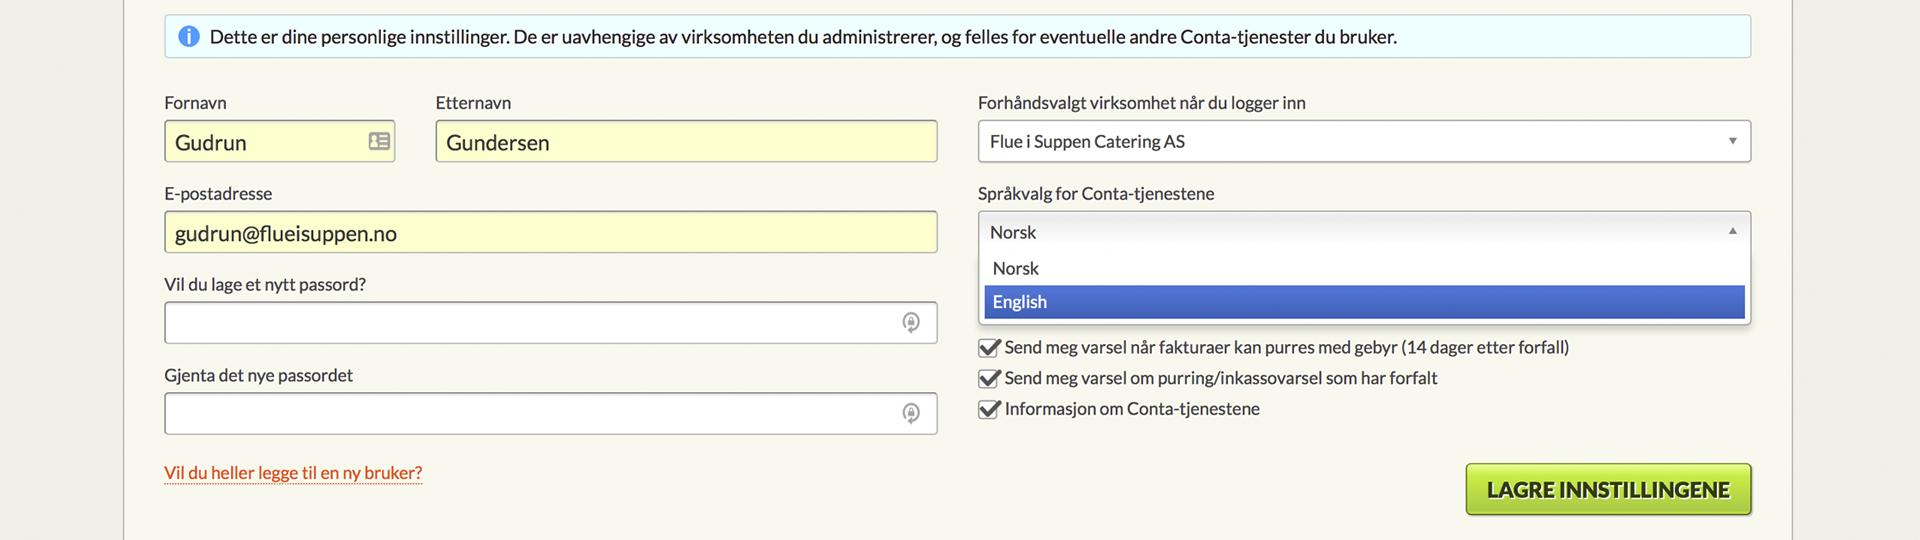 skjermbilde av språkvalg